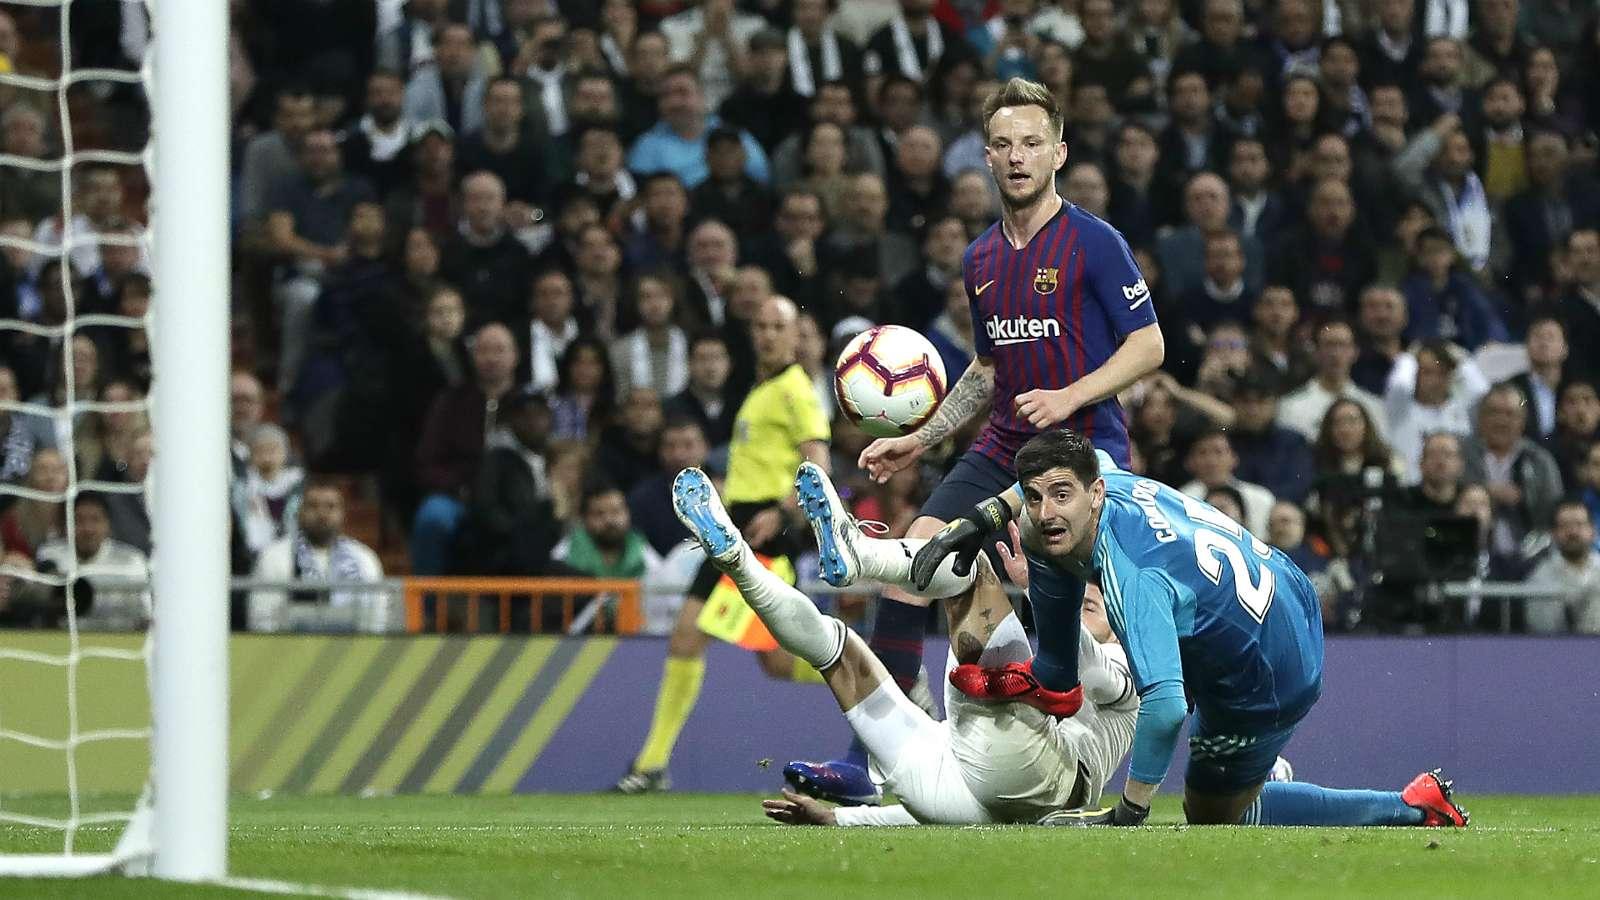 ivan rakitic 1ex9i8wndjdjb19ai5q42pqwbm - Real Madrid vs Barcelona 0-1: LaLiga Match Report & Highlights